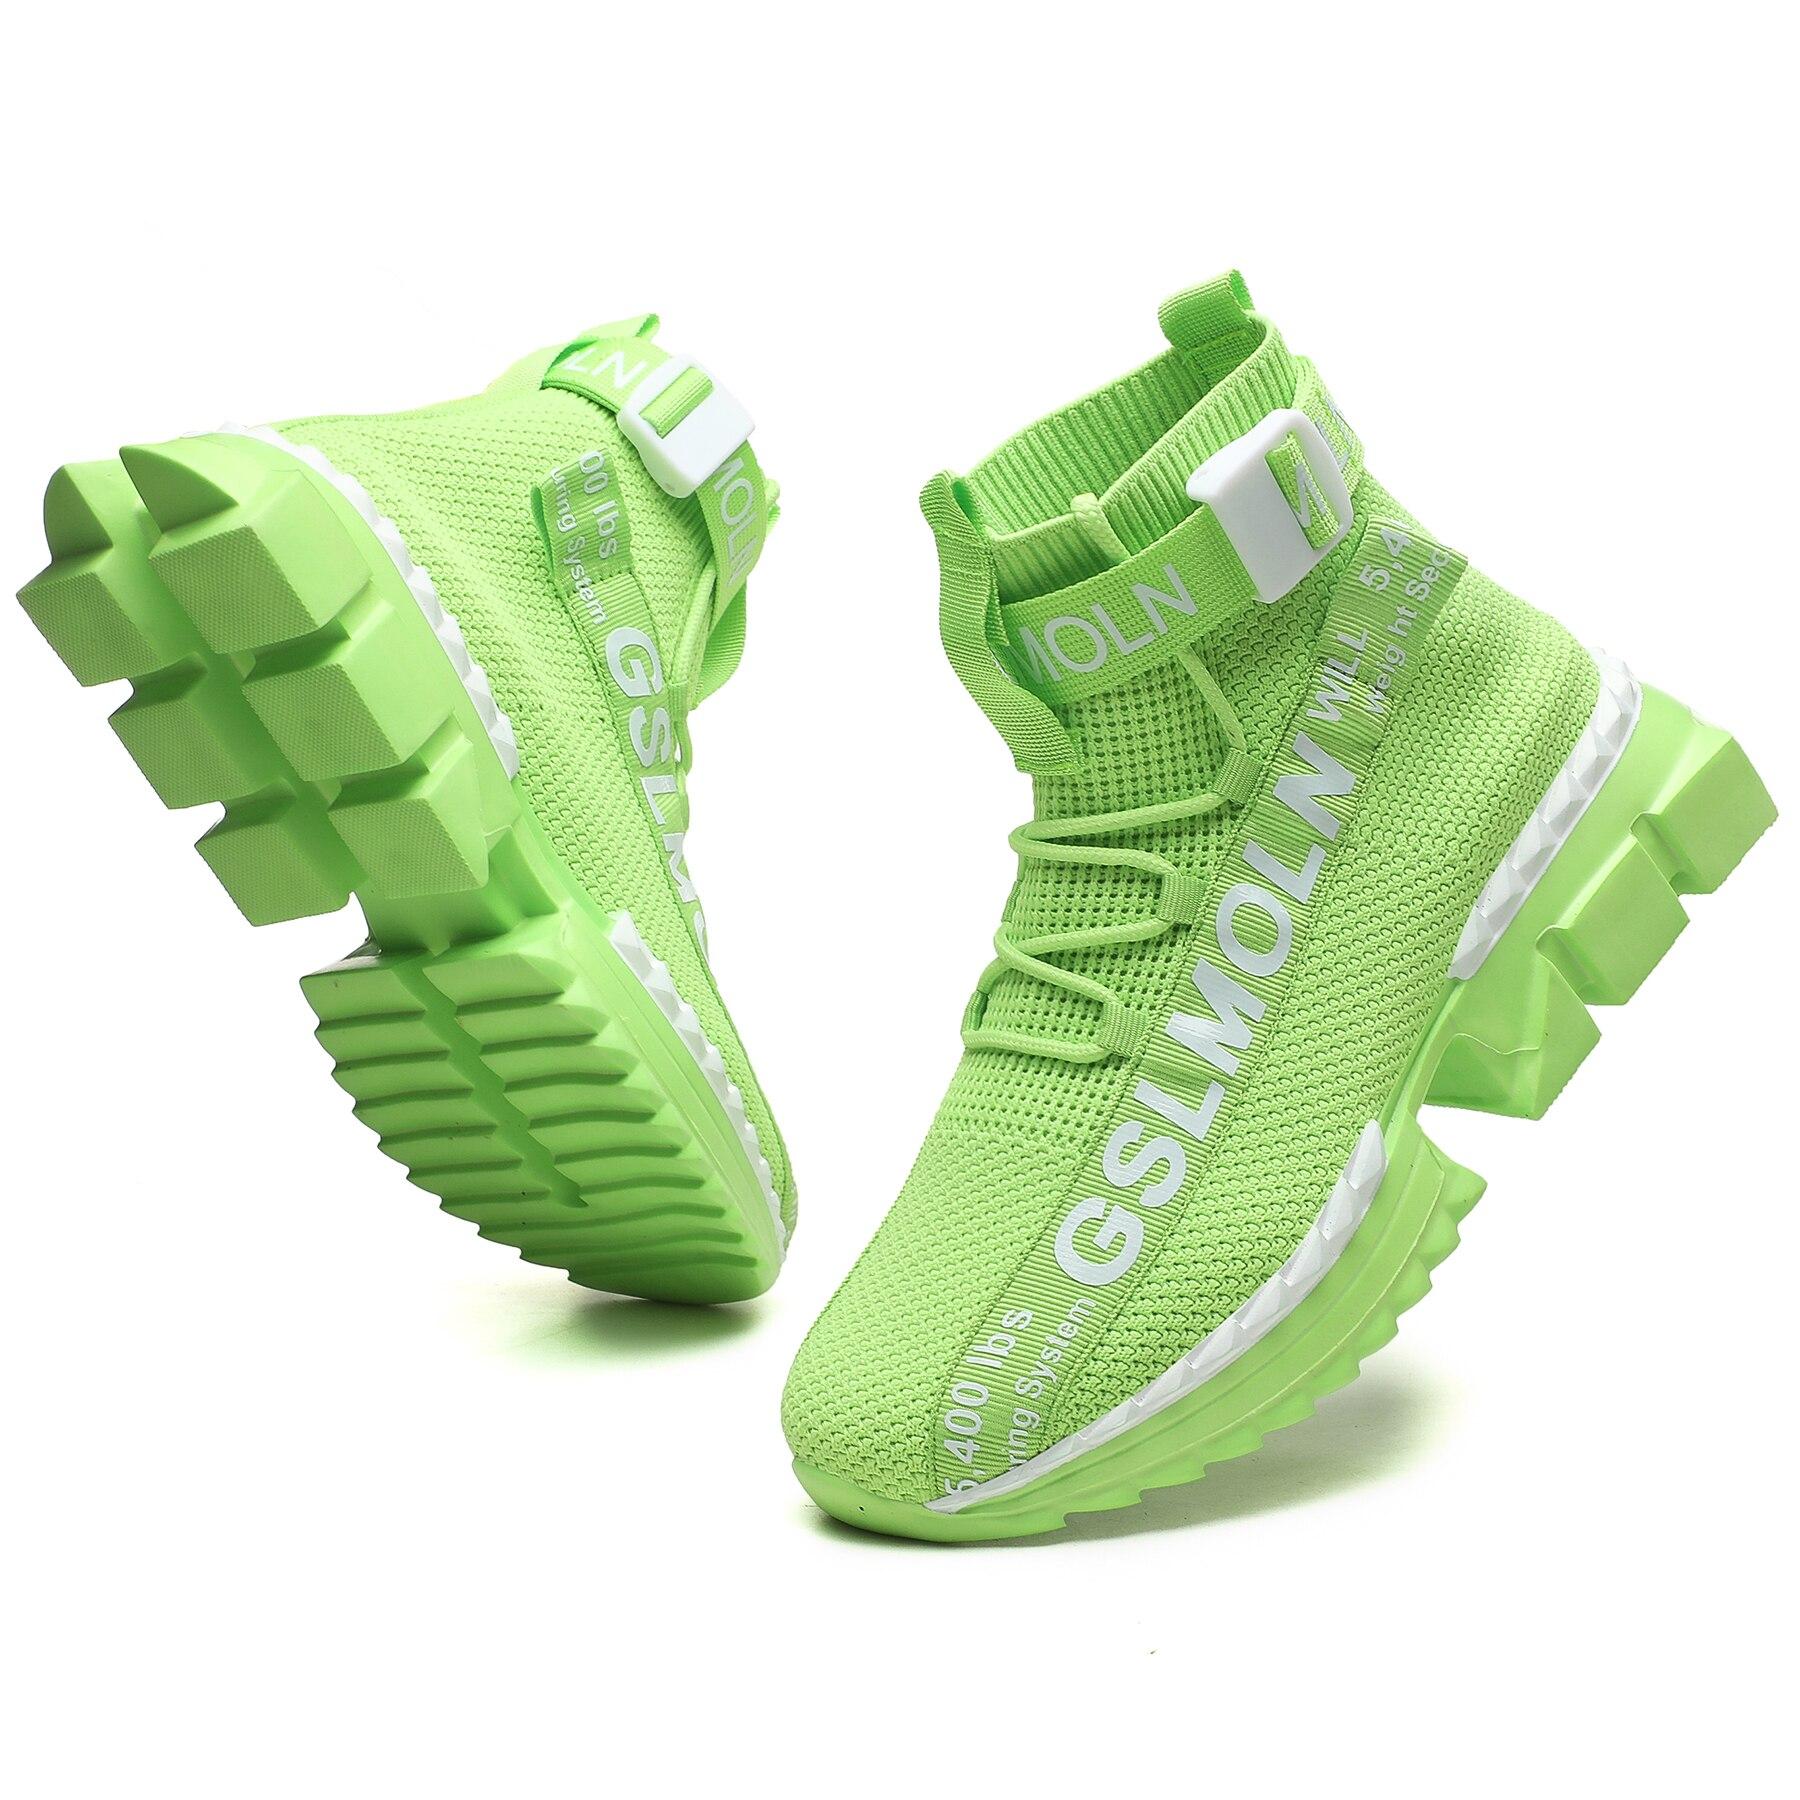 مرات جديدة الرومانية موضة الارتفاع زيادة عالية كبار الرجال أحذية رياضية 2021 الربيع تنفس ضوء الكبار الذكور أحذية رياضية كبيرة الحجم